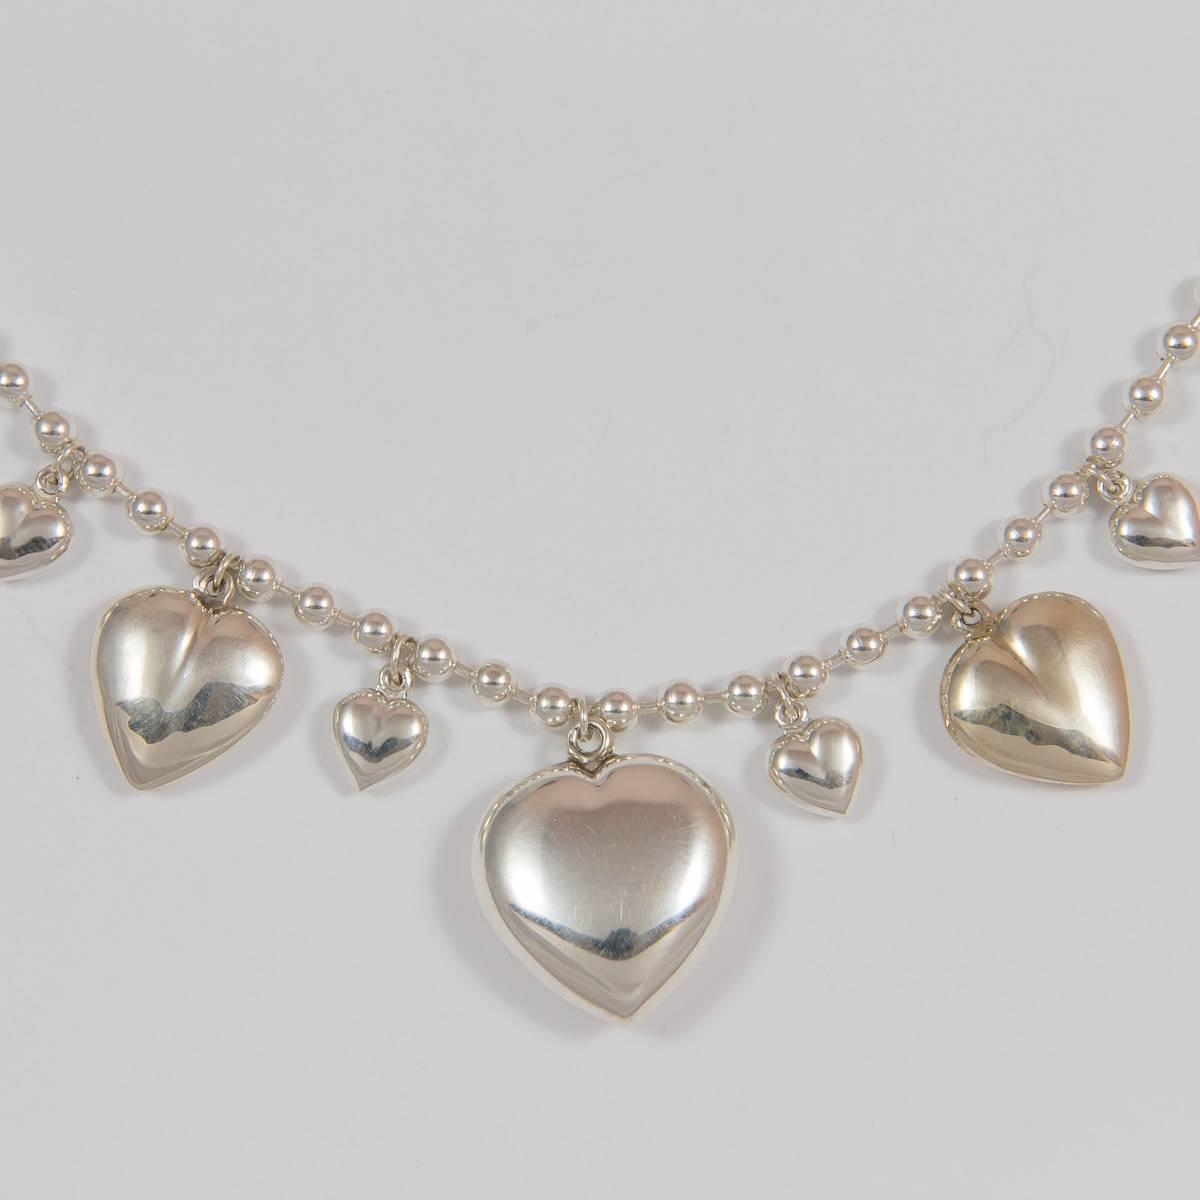 Herz-Collier mit Kugelkette